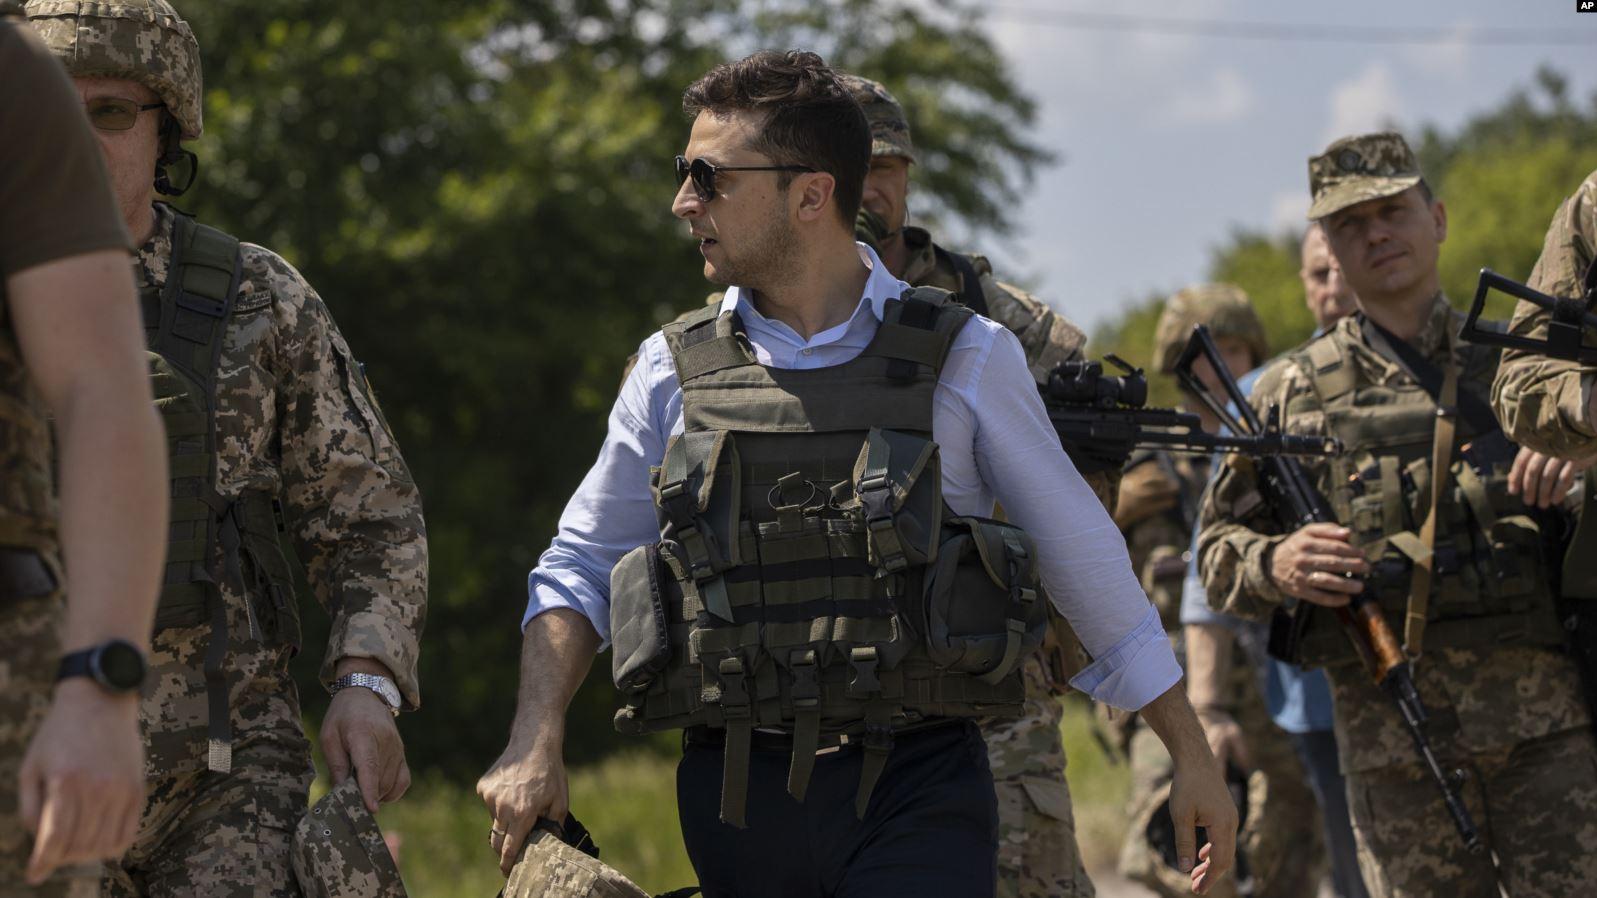 (تصاویر) پوشش رئیس جمهور جدید اوکراین در مناطق جنگی